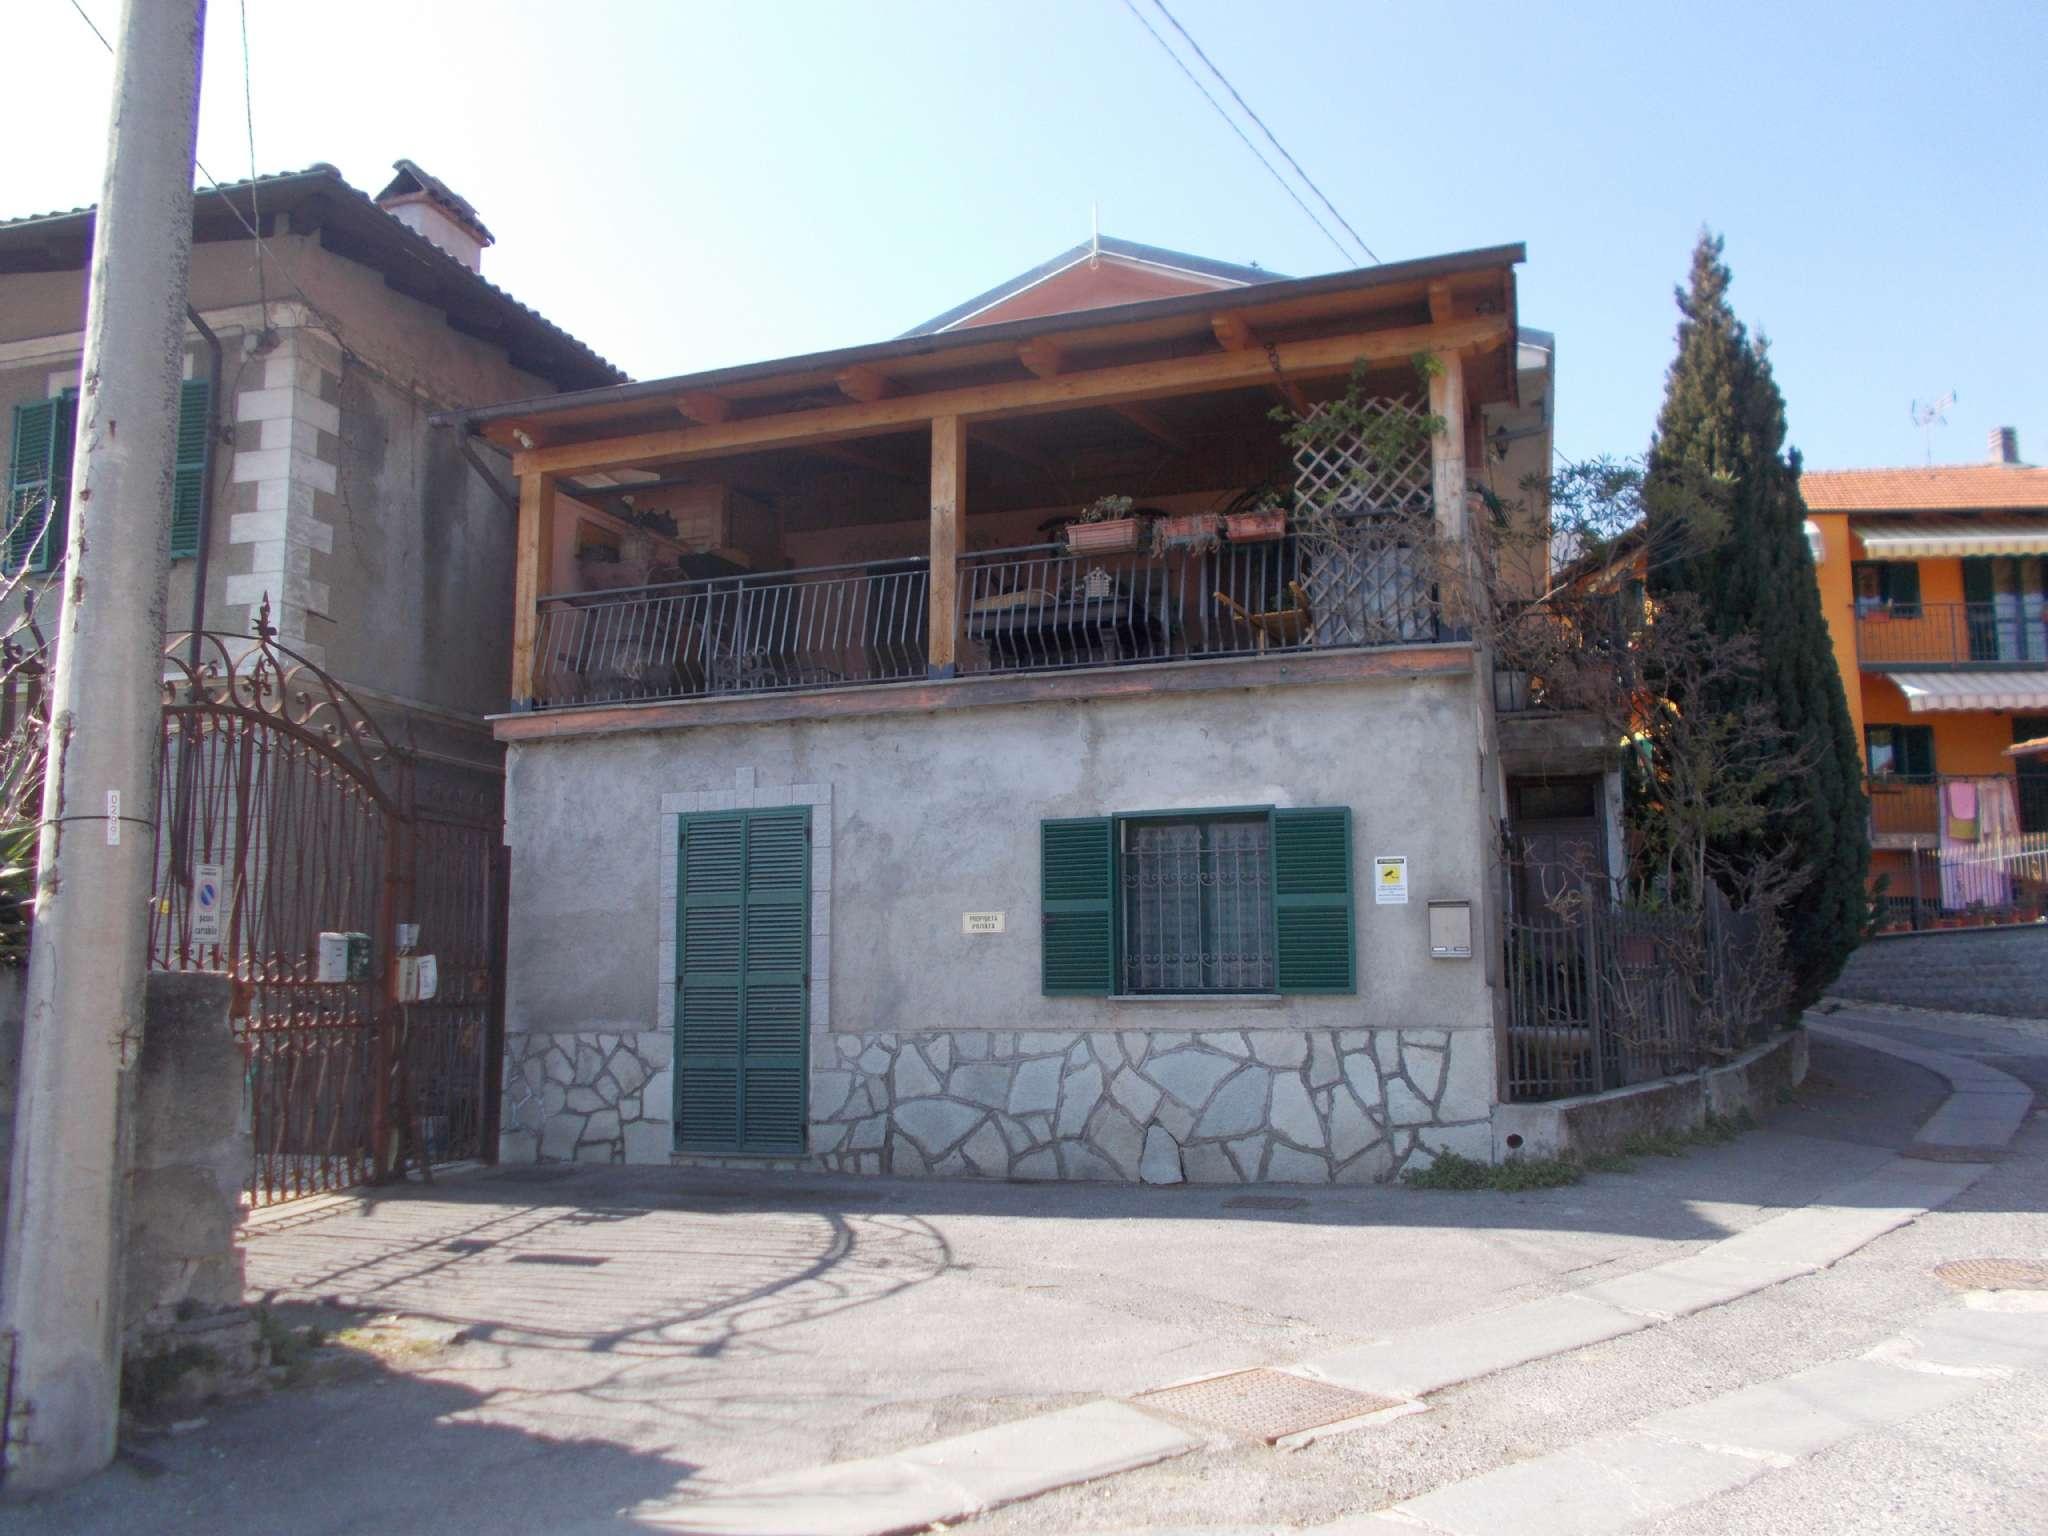 Soluzione Semindipendente in vendita a Condove, 5 locali, prezzo € 165.000 | CambioCasa.it